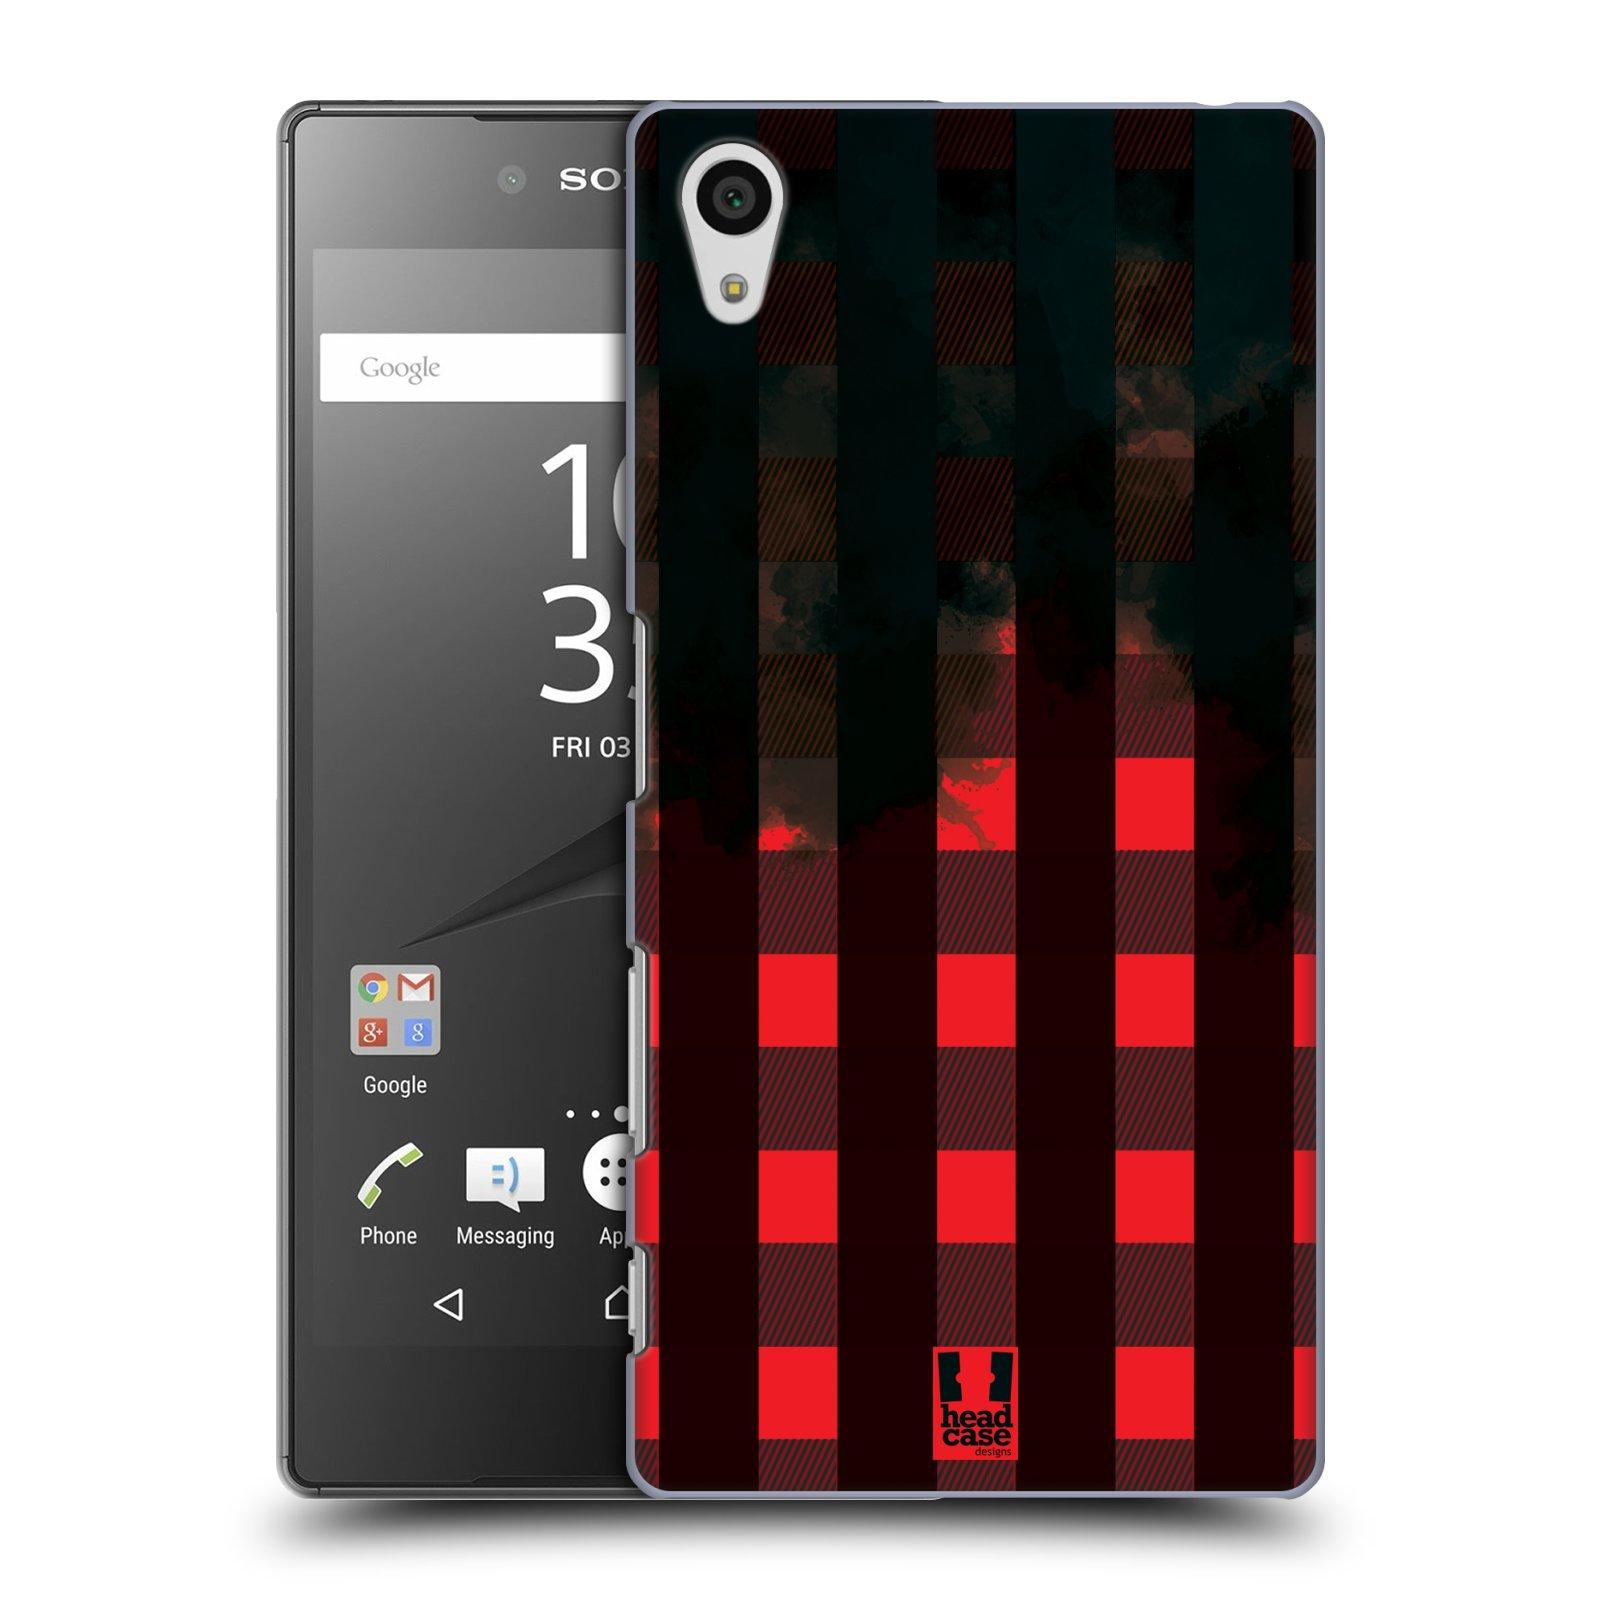 Plastové pouzdro na mobil Sony Xperia Z5 HEAD CASE FLANEL RED BLACK (Kryt či obal na mobilní telefon Sony Xperia Z5 E6653)